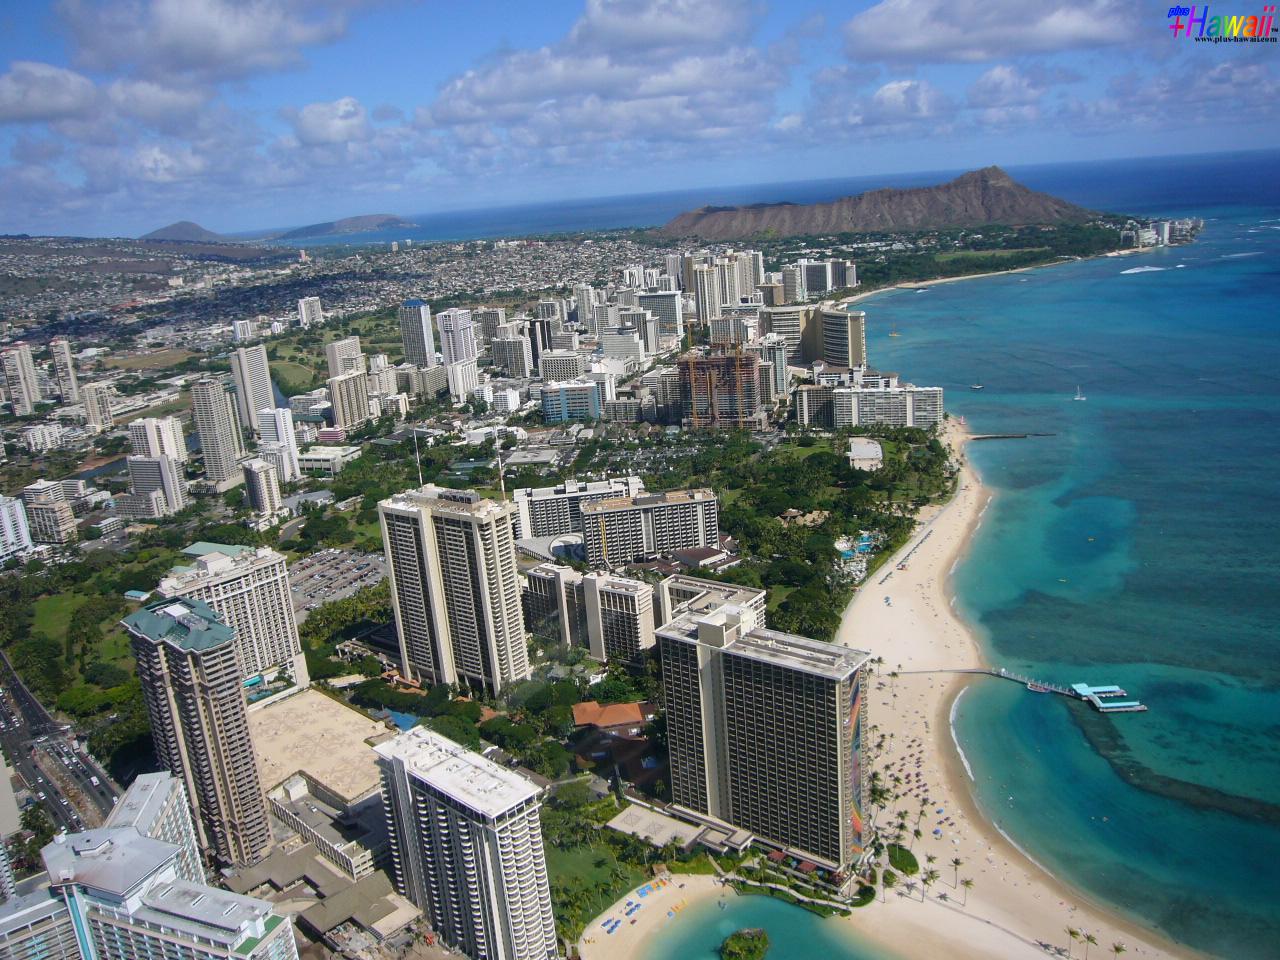 ハワイの壁紙 In The Paradise World 風景 ザ ワイキキ Hawaii